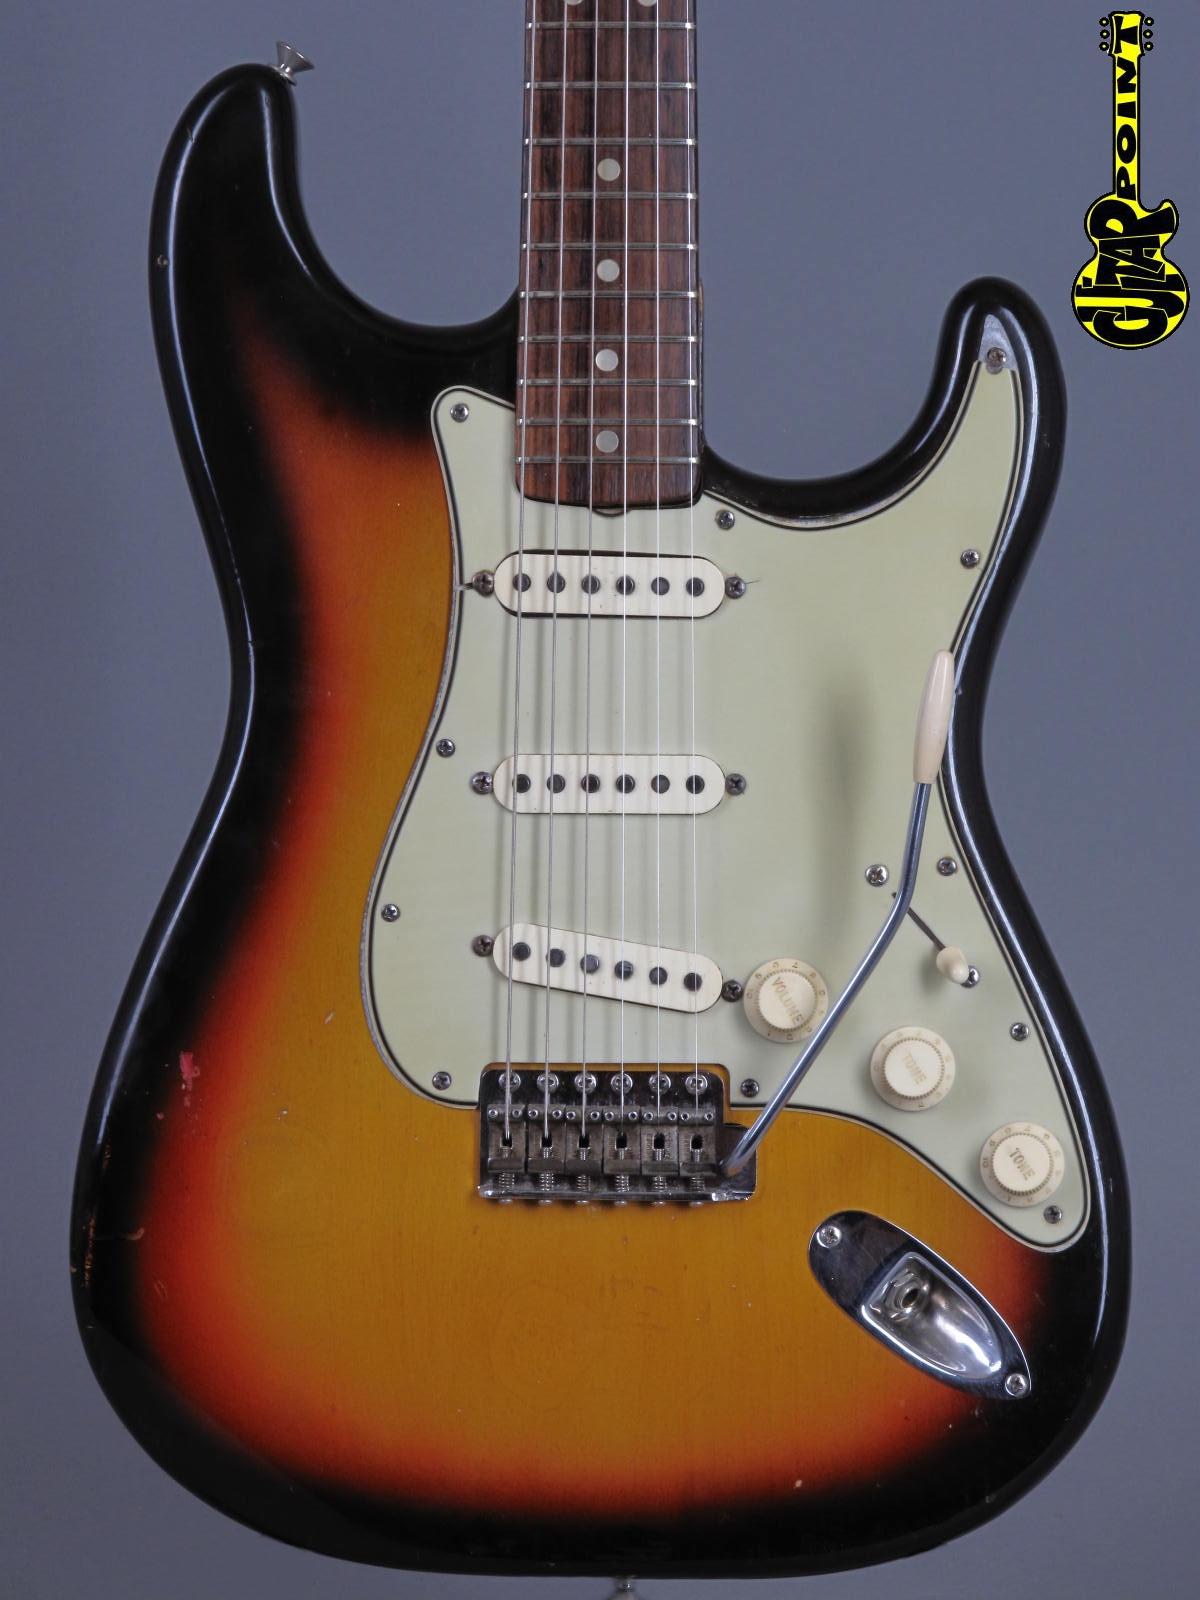 1965 Fender Stratocaster - 3t-Sunburst  ...early green-guard!